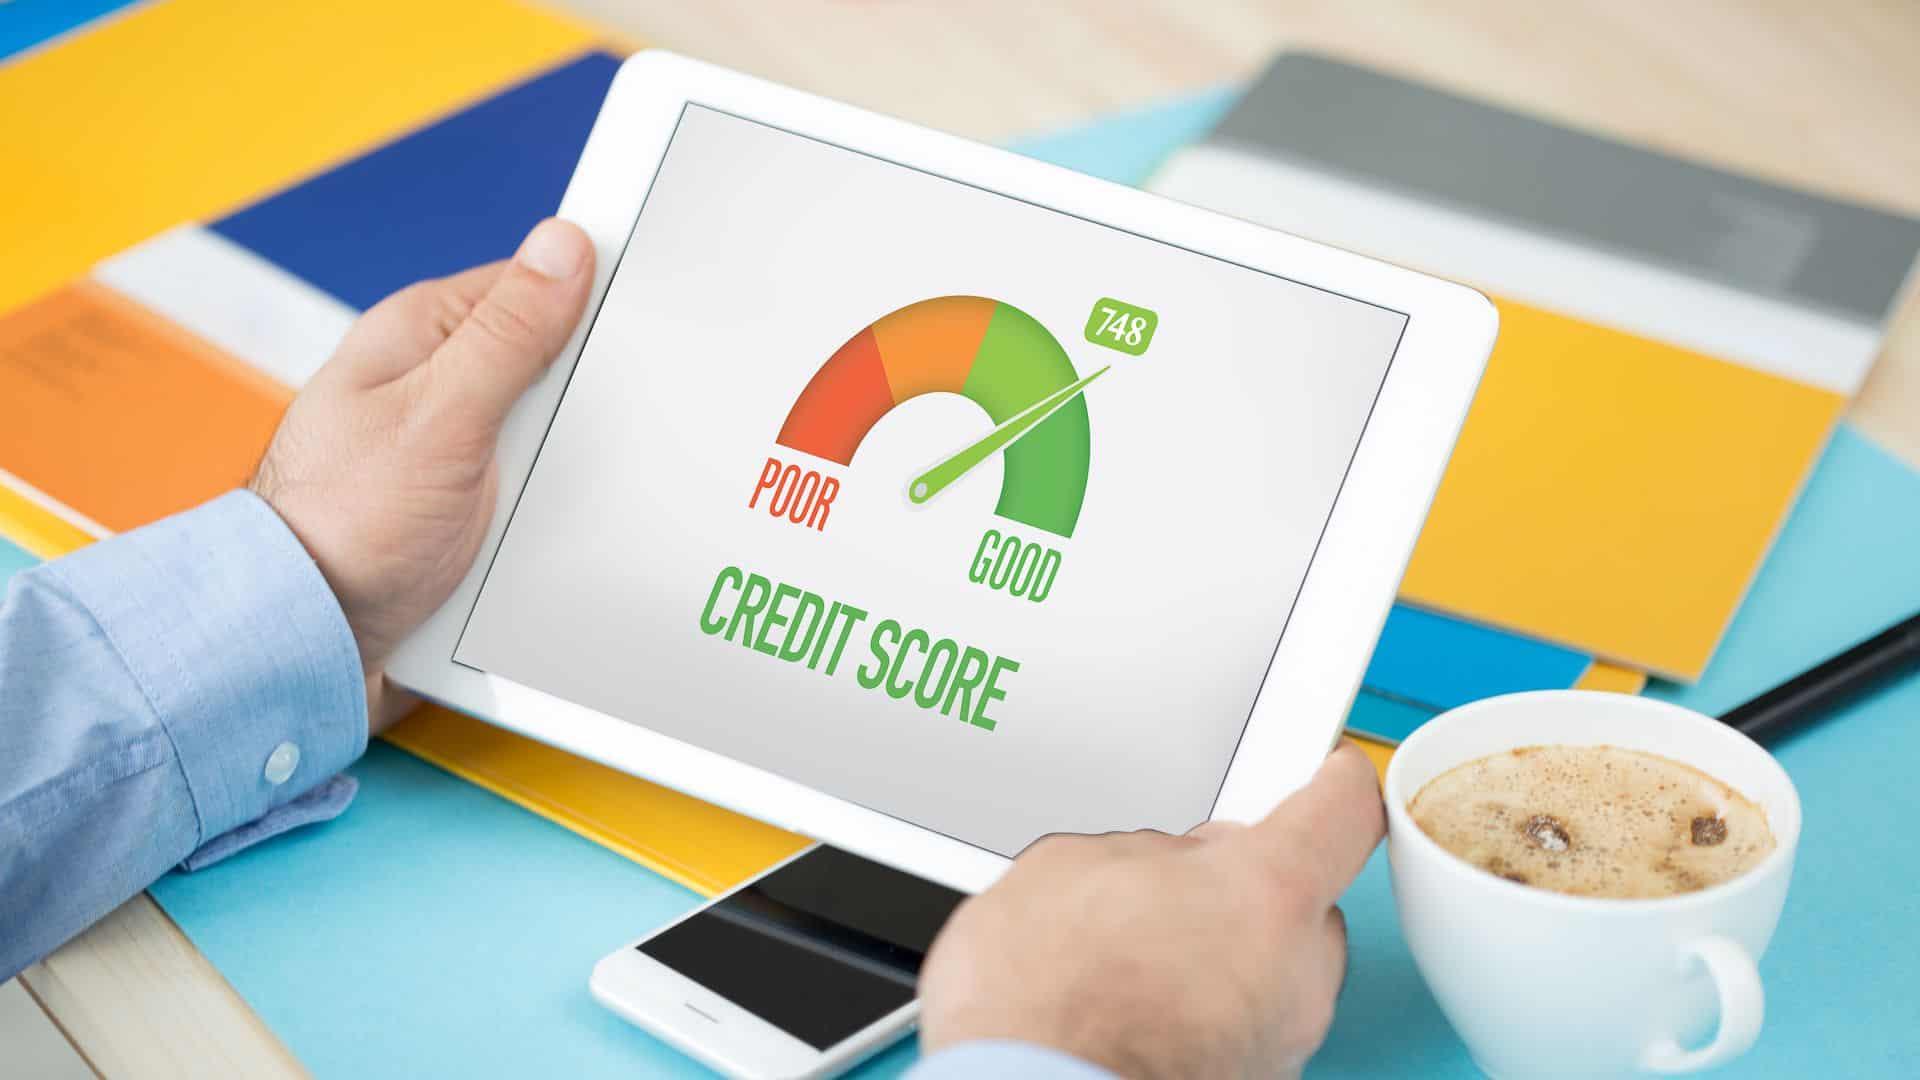 Banco Central quer aumentar score de crédito de quem fizer cursos de educação financeira